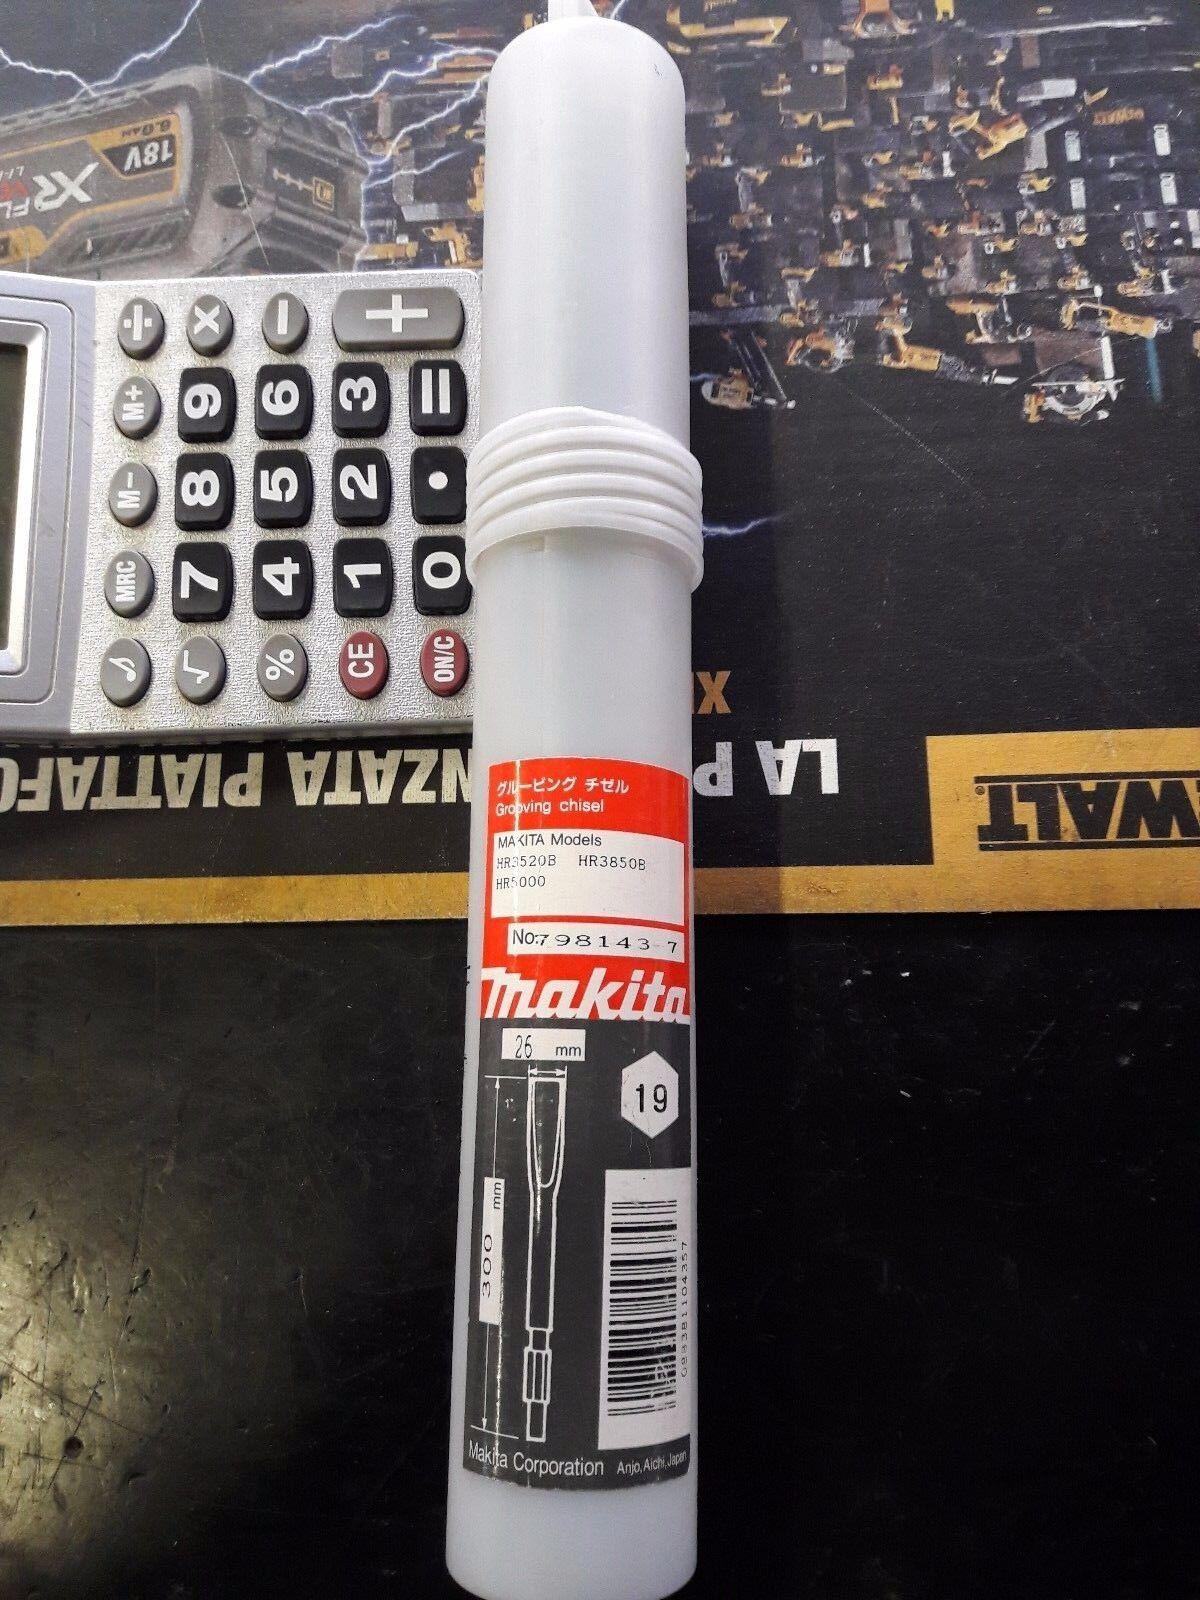 Sgorbia da muro 26mm per martello Makita 798143-7 attacco Makita esagonale 19mm